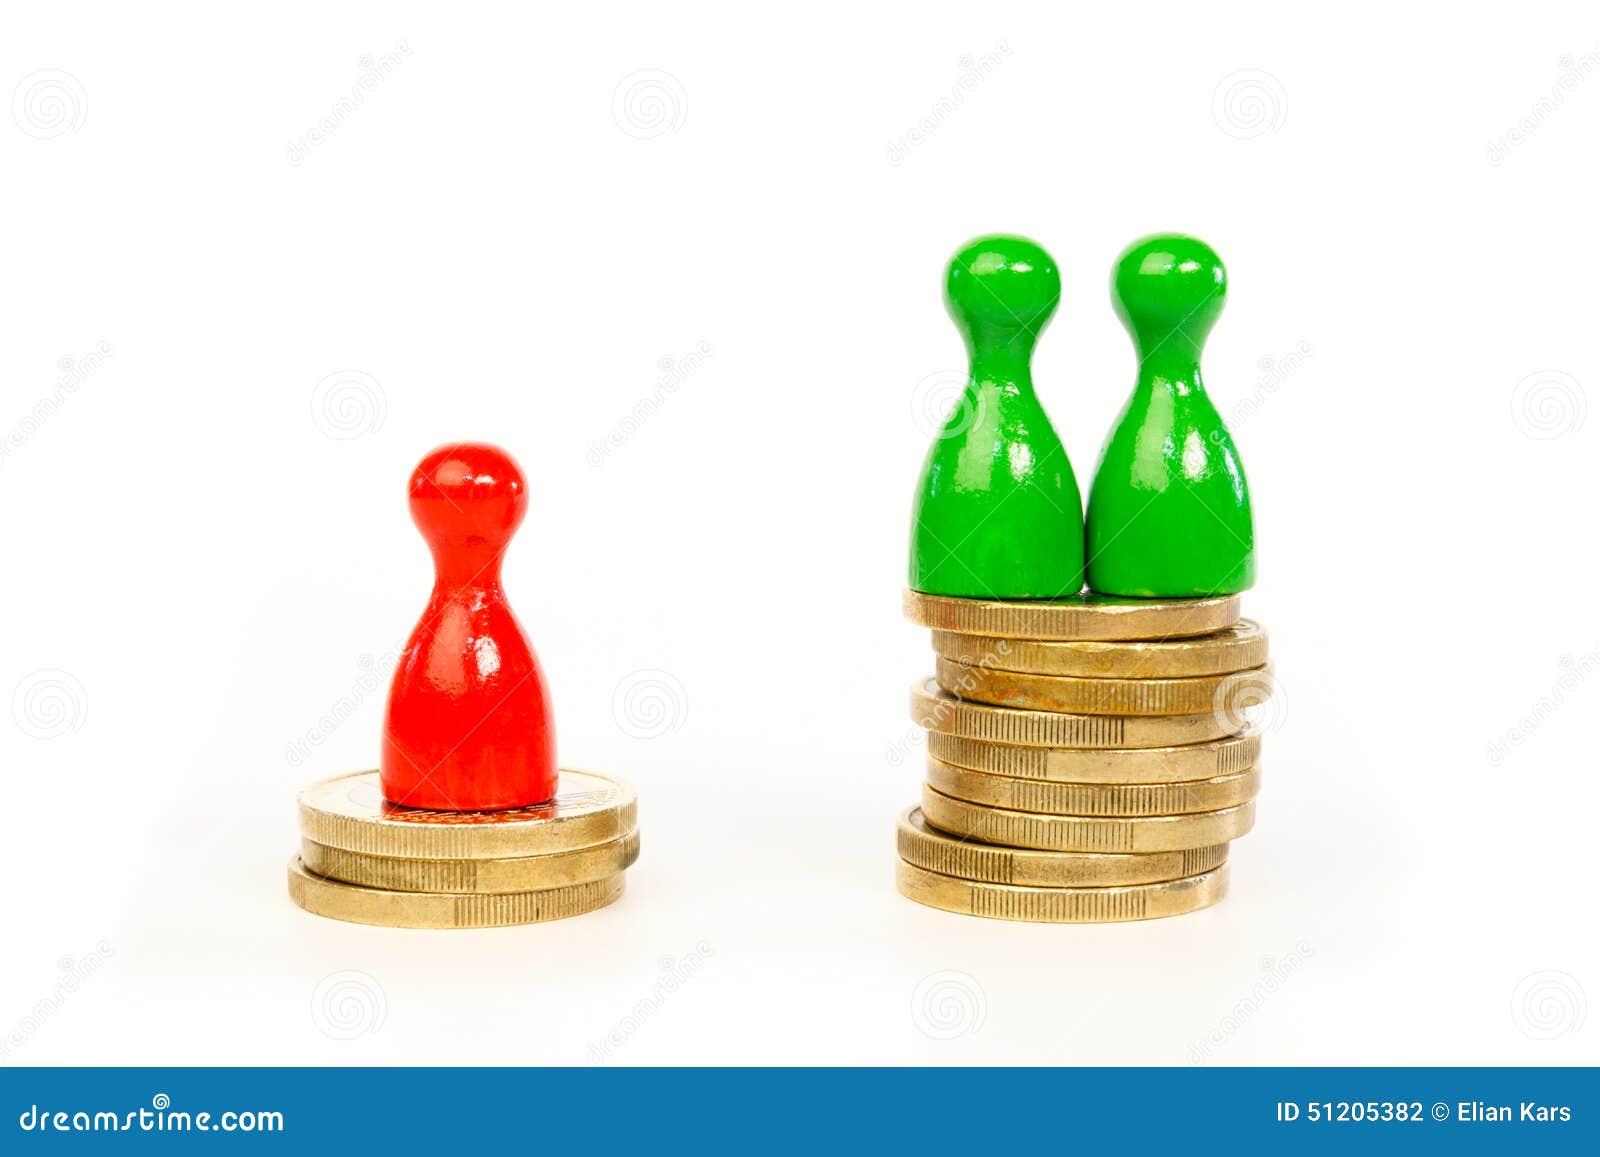 人有在收入上的区别